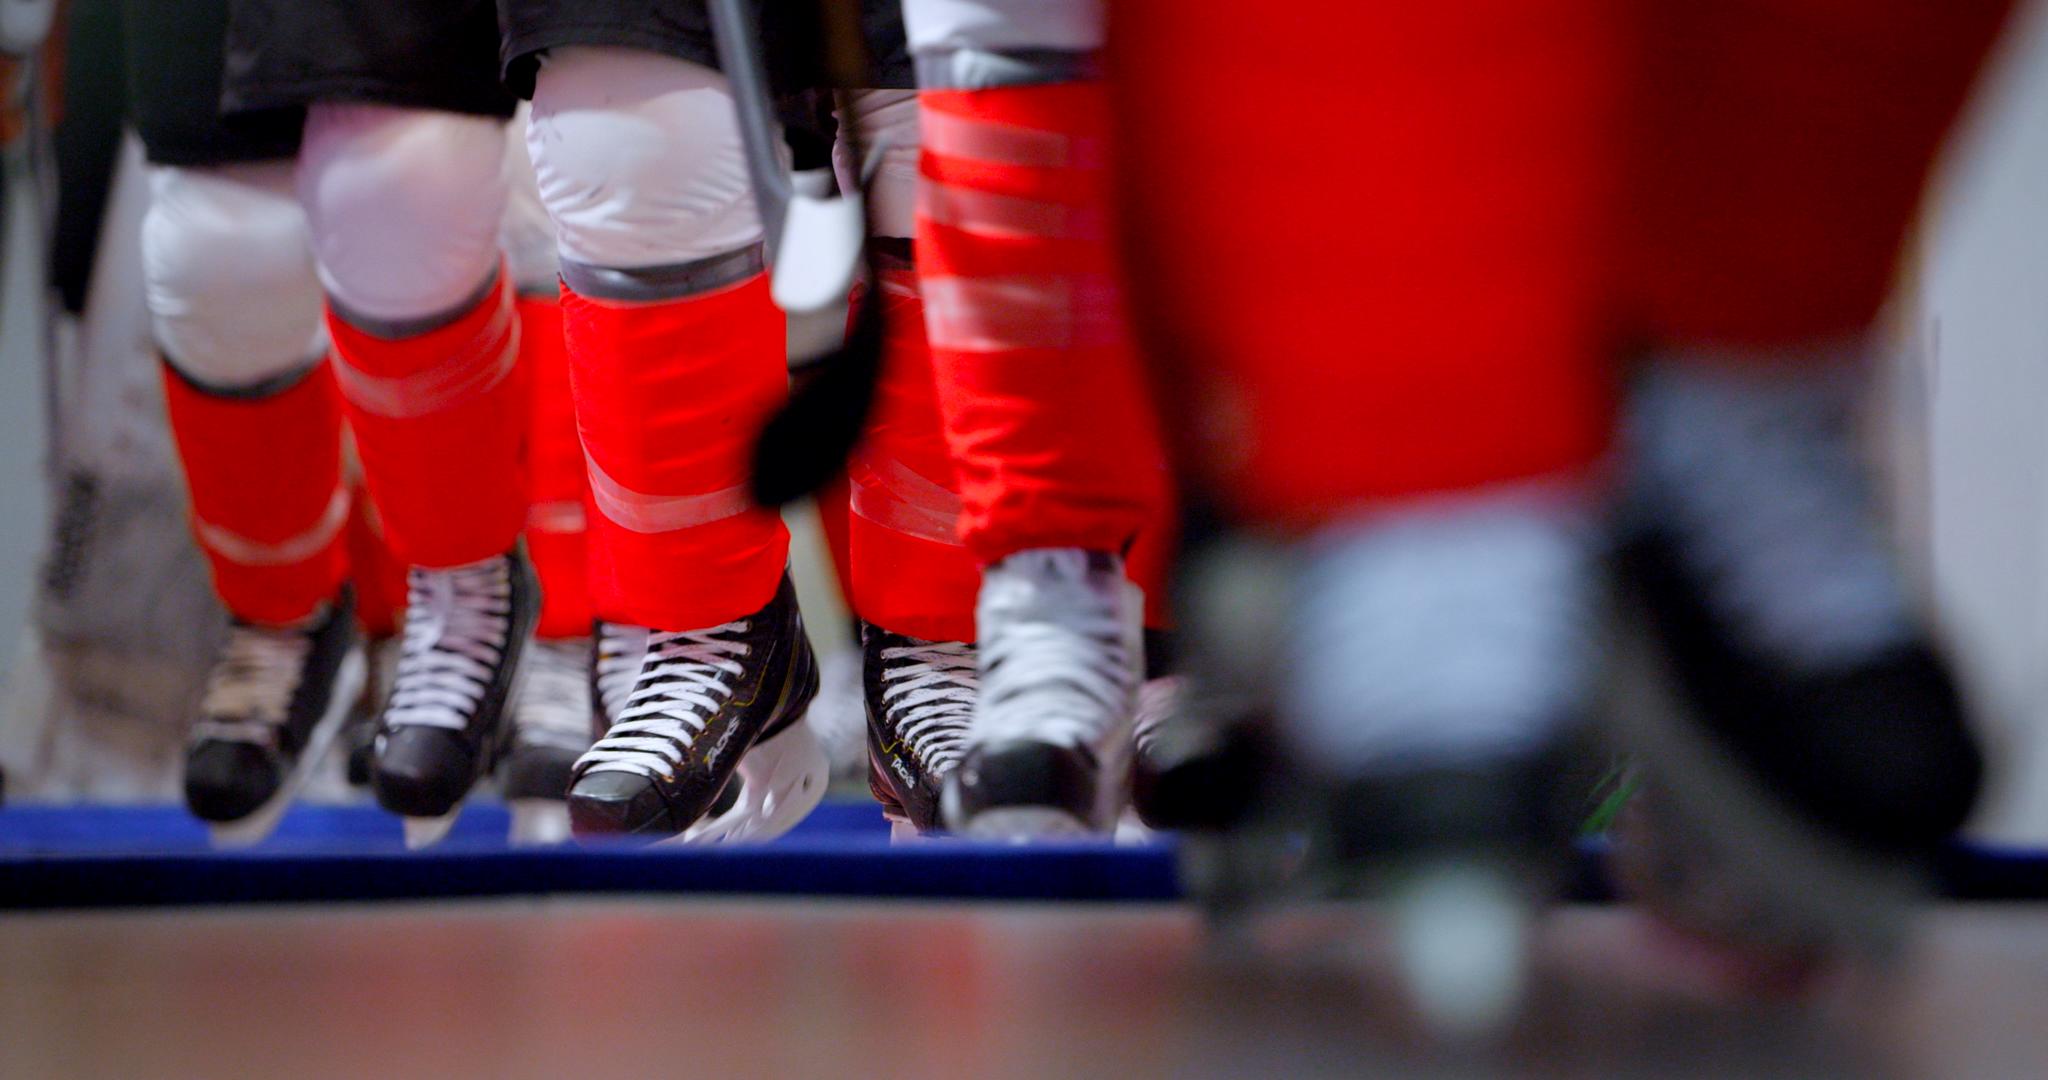 «Кольца мира» — официальный фильм Олимпийских игр в Сочи — выходит в большой прокат